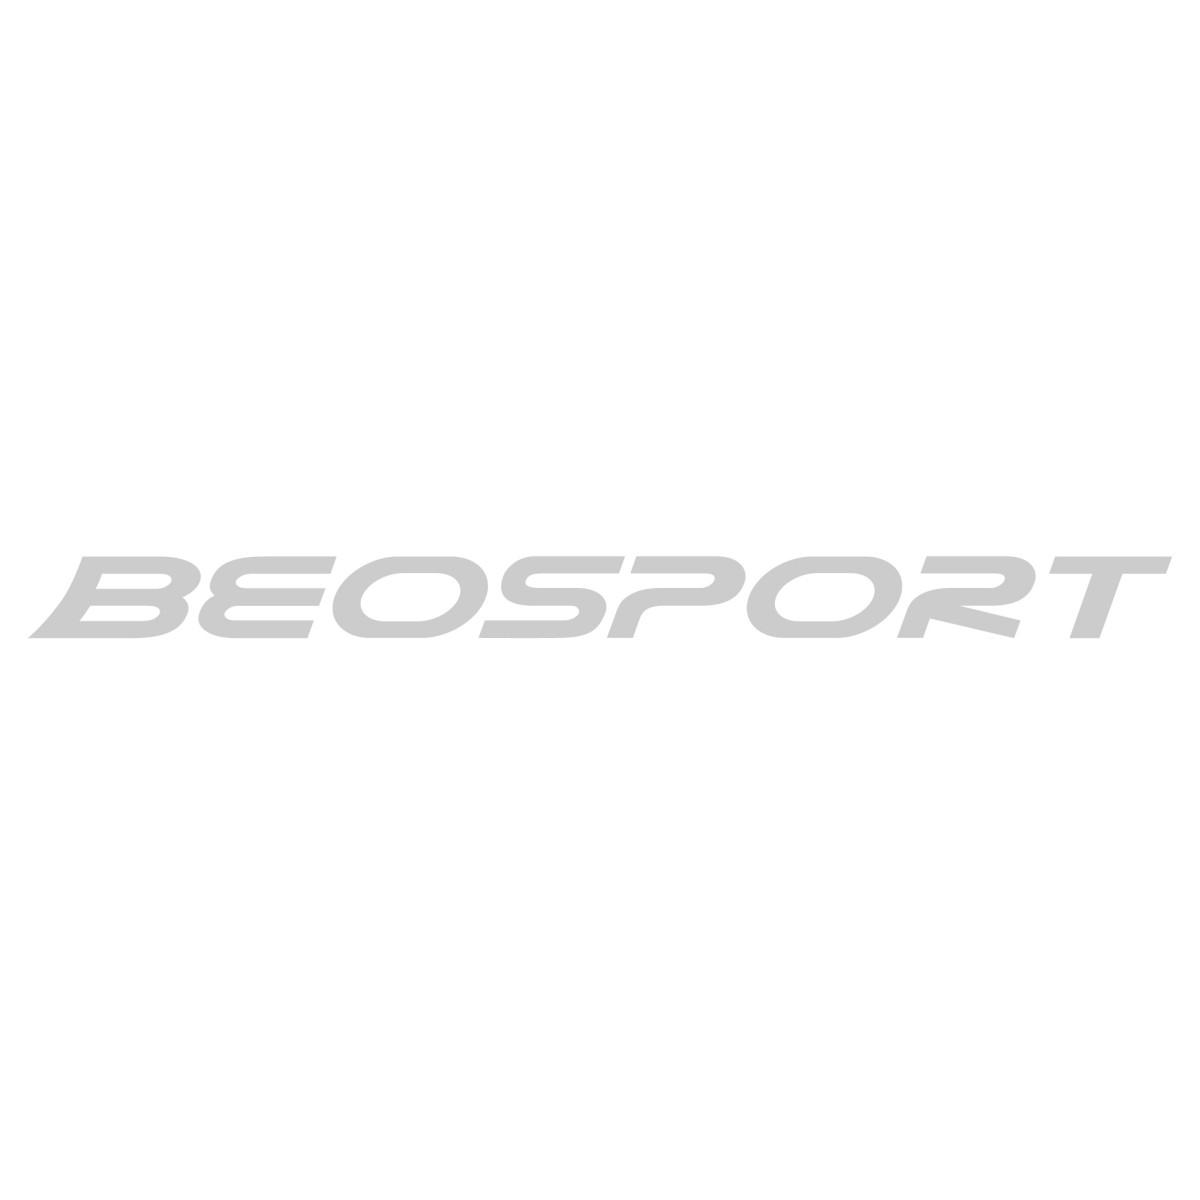 Wilson Starter Foam 6pk teniske loptice